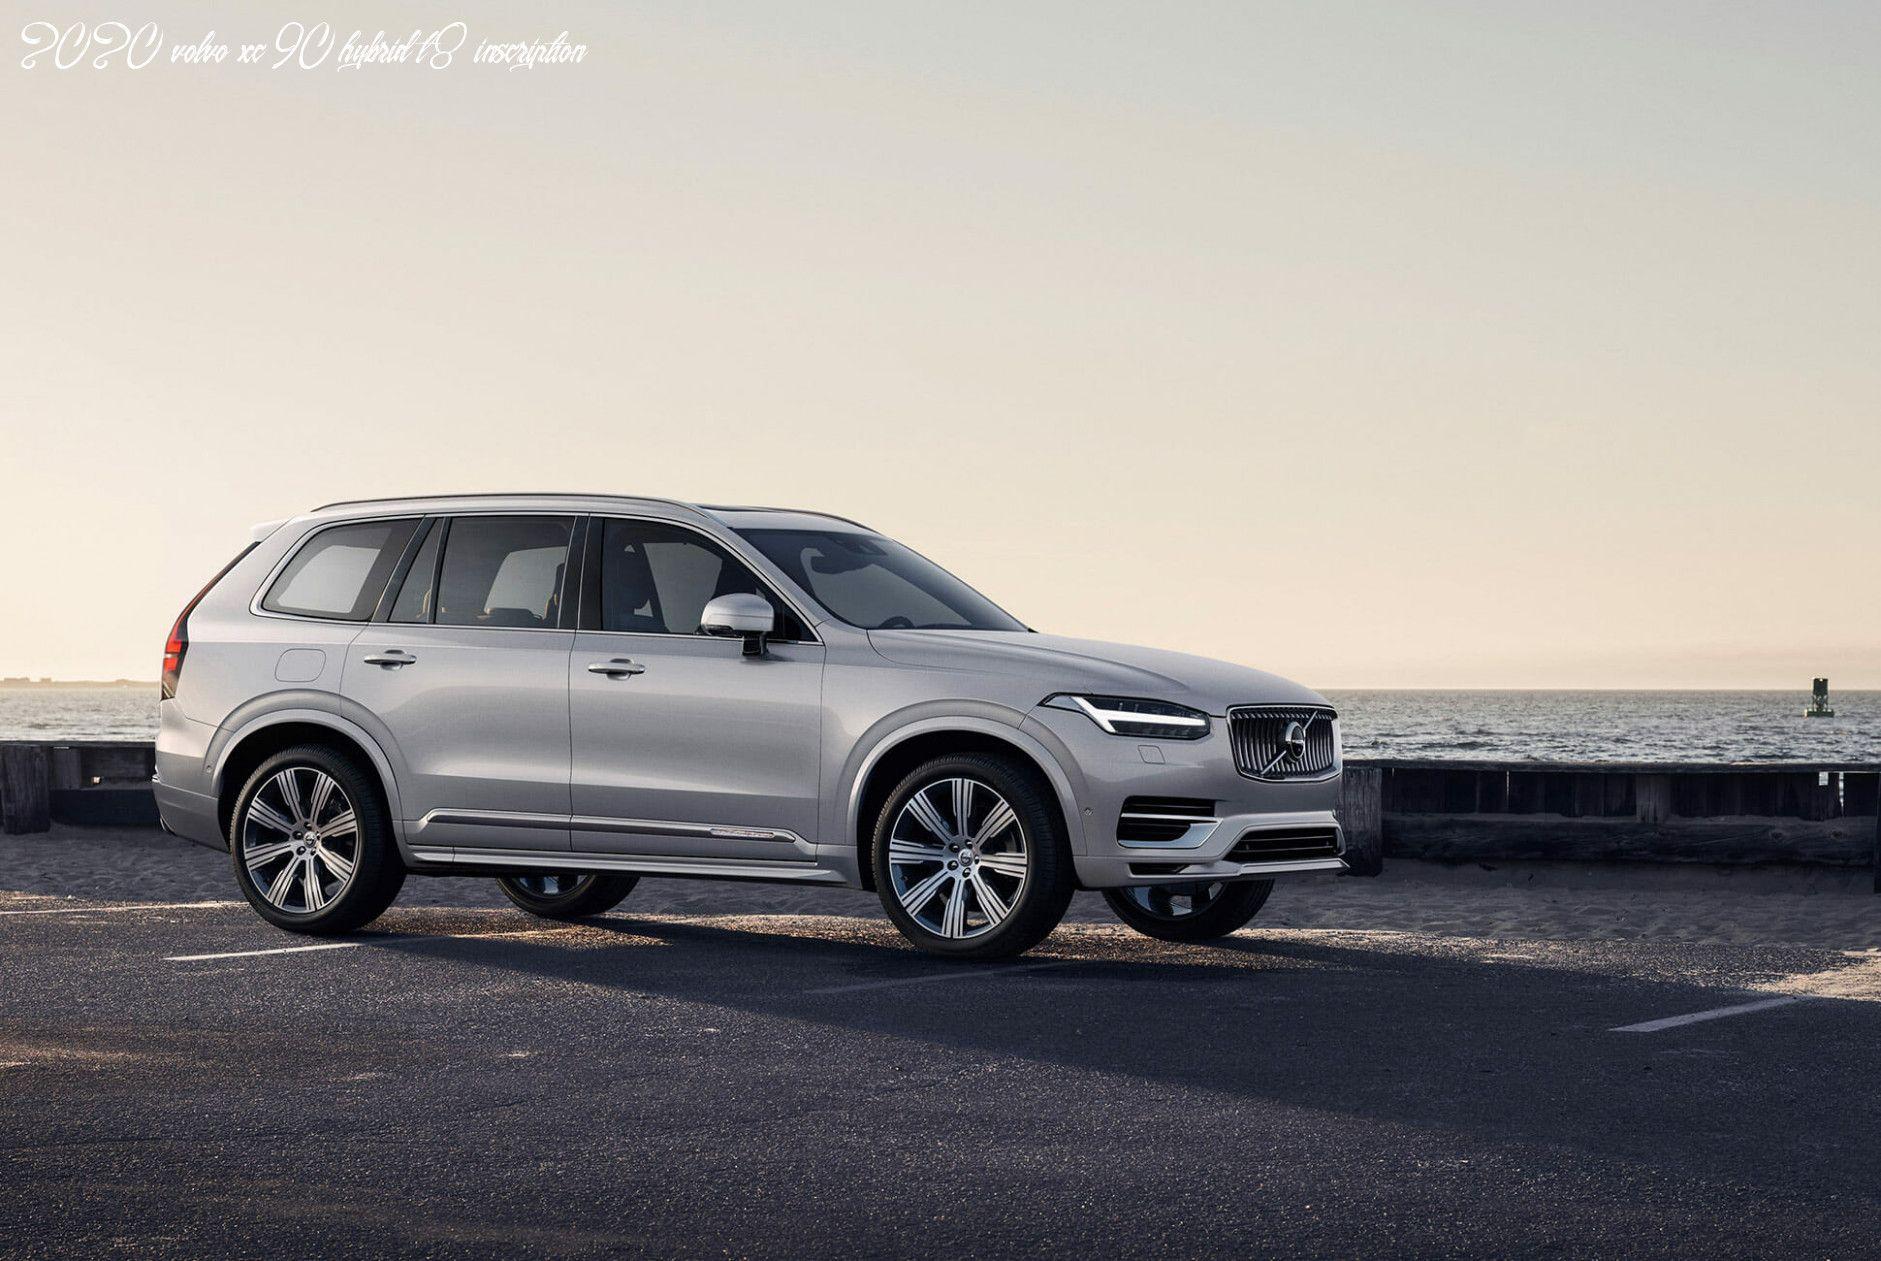 2020 Volvo Xc90 Hybrid T8 Inscription In 2020 Volvo Xc90 Volvo Volvo Suv